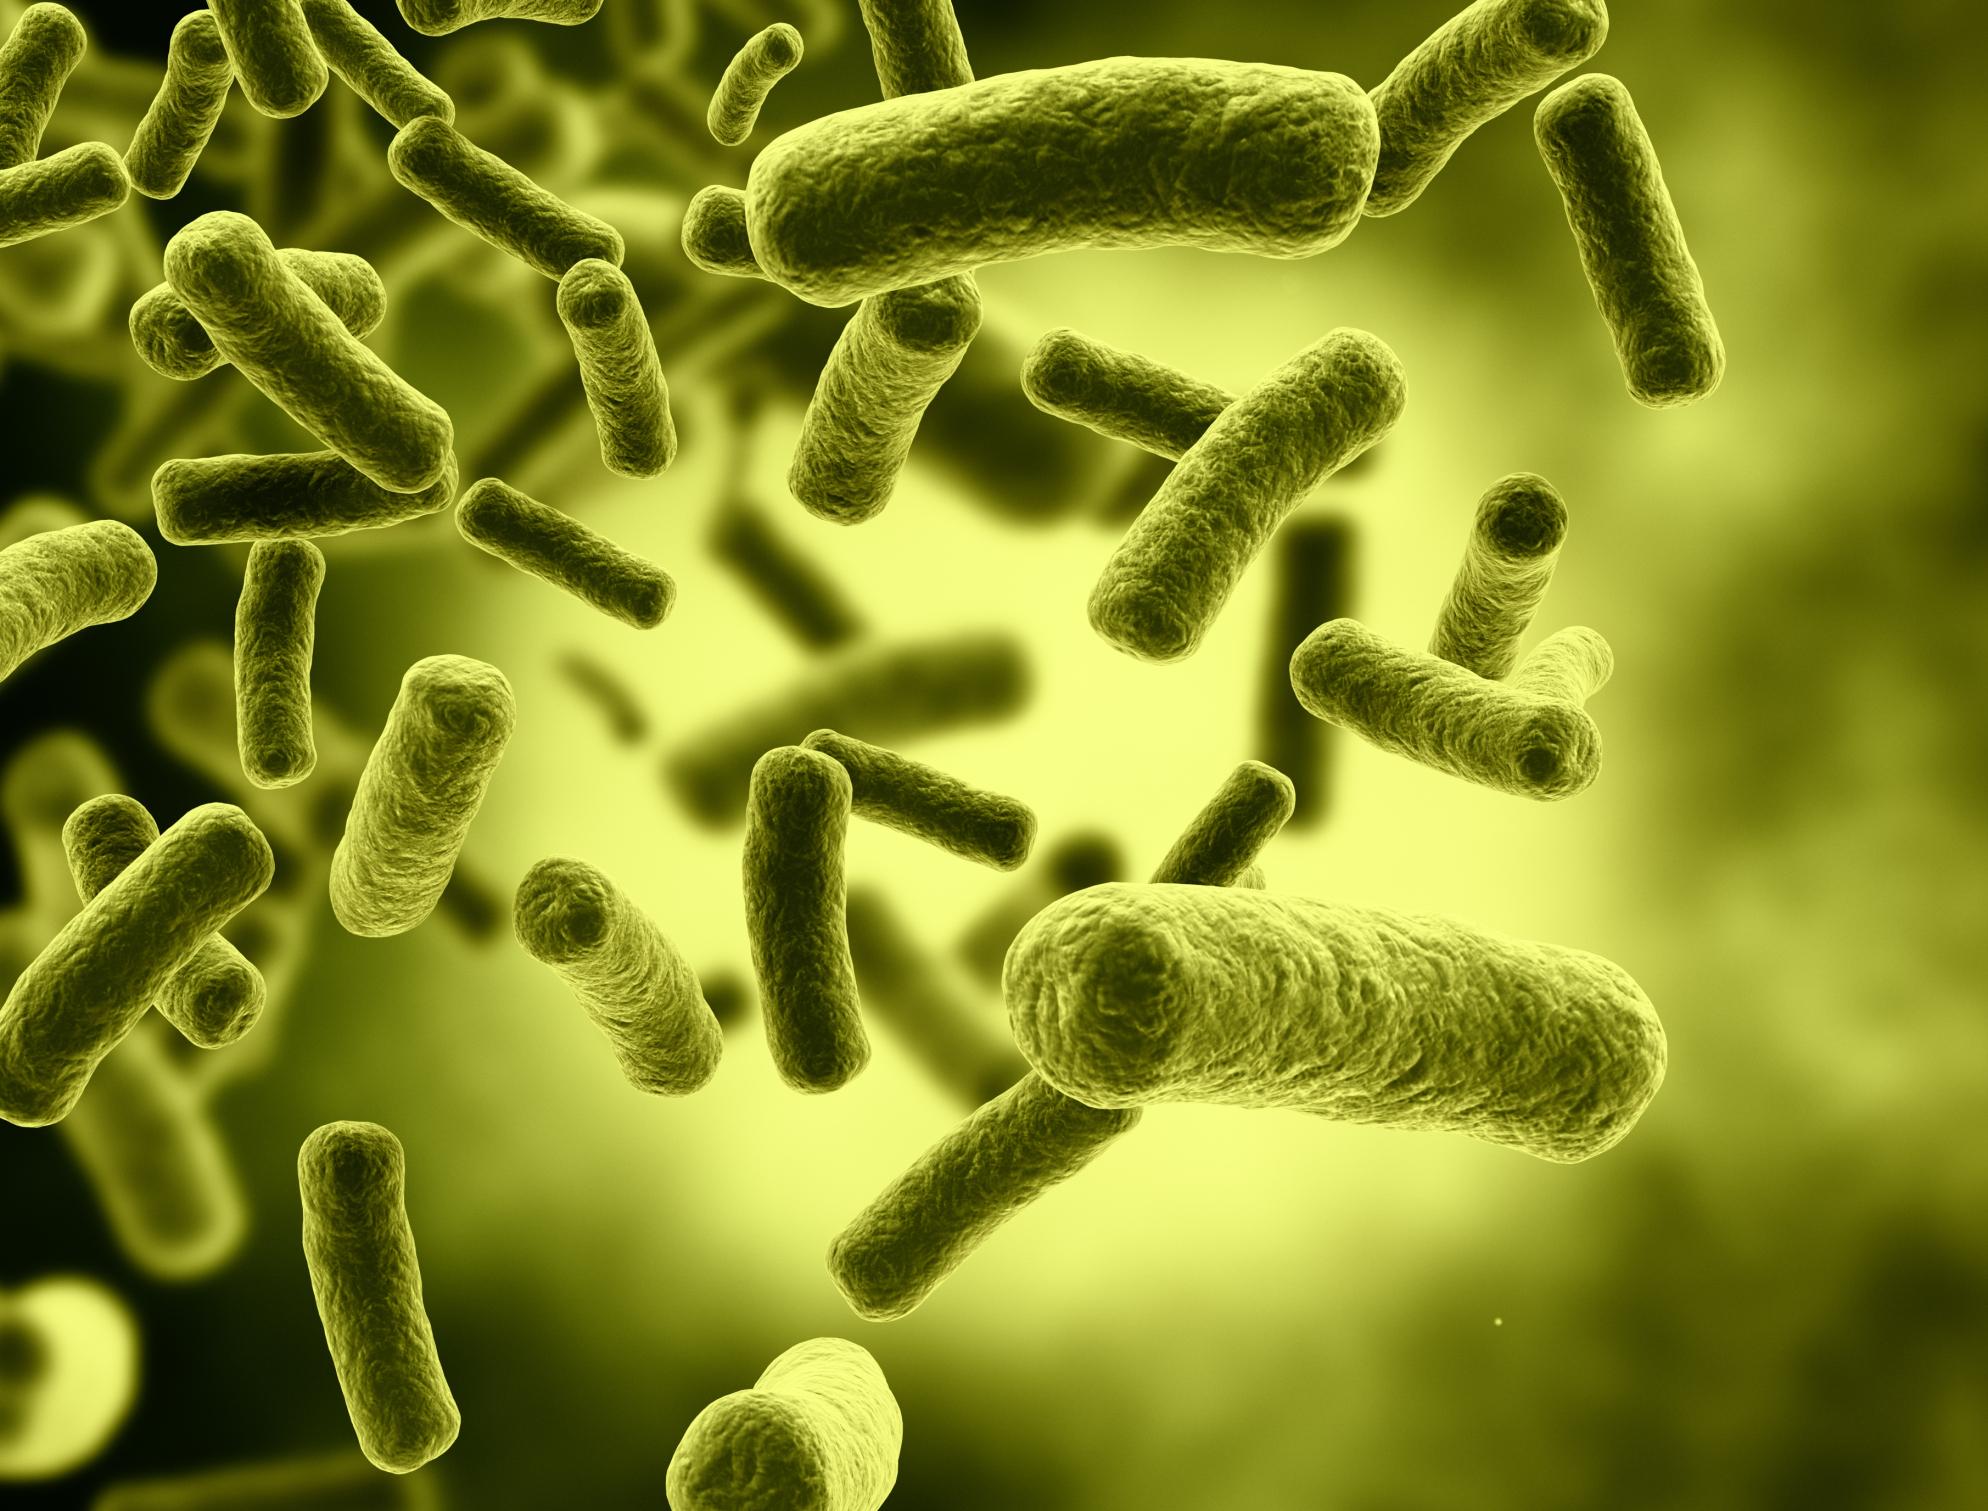 Dinh dưỡng, chuyển hóa vật chất và năng lượng ở vi sinh vật